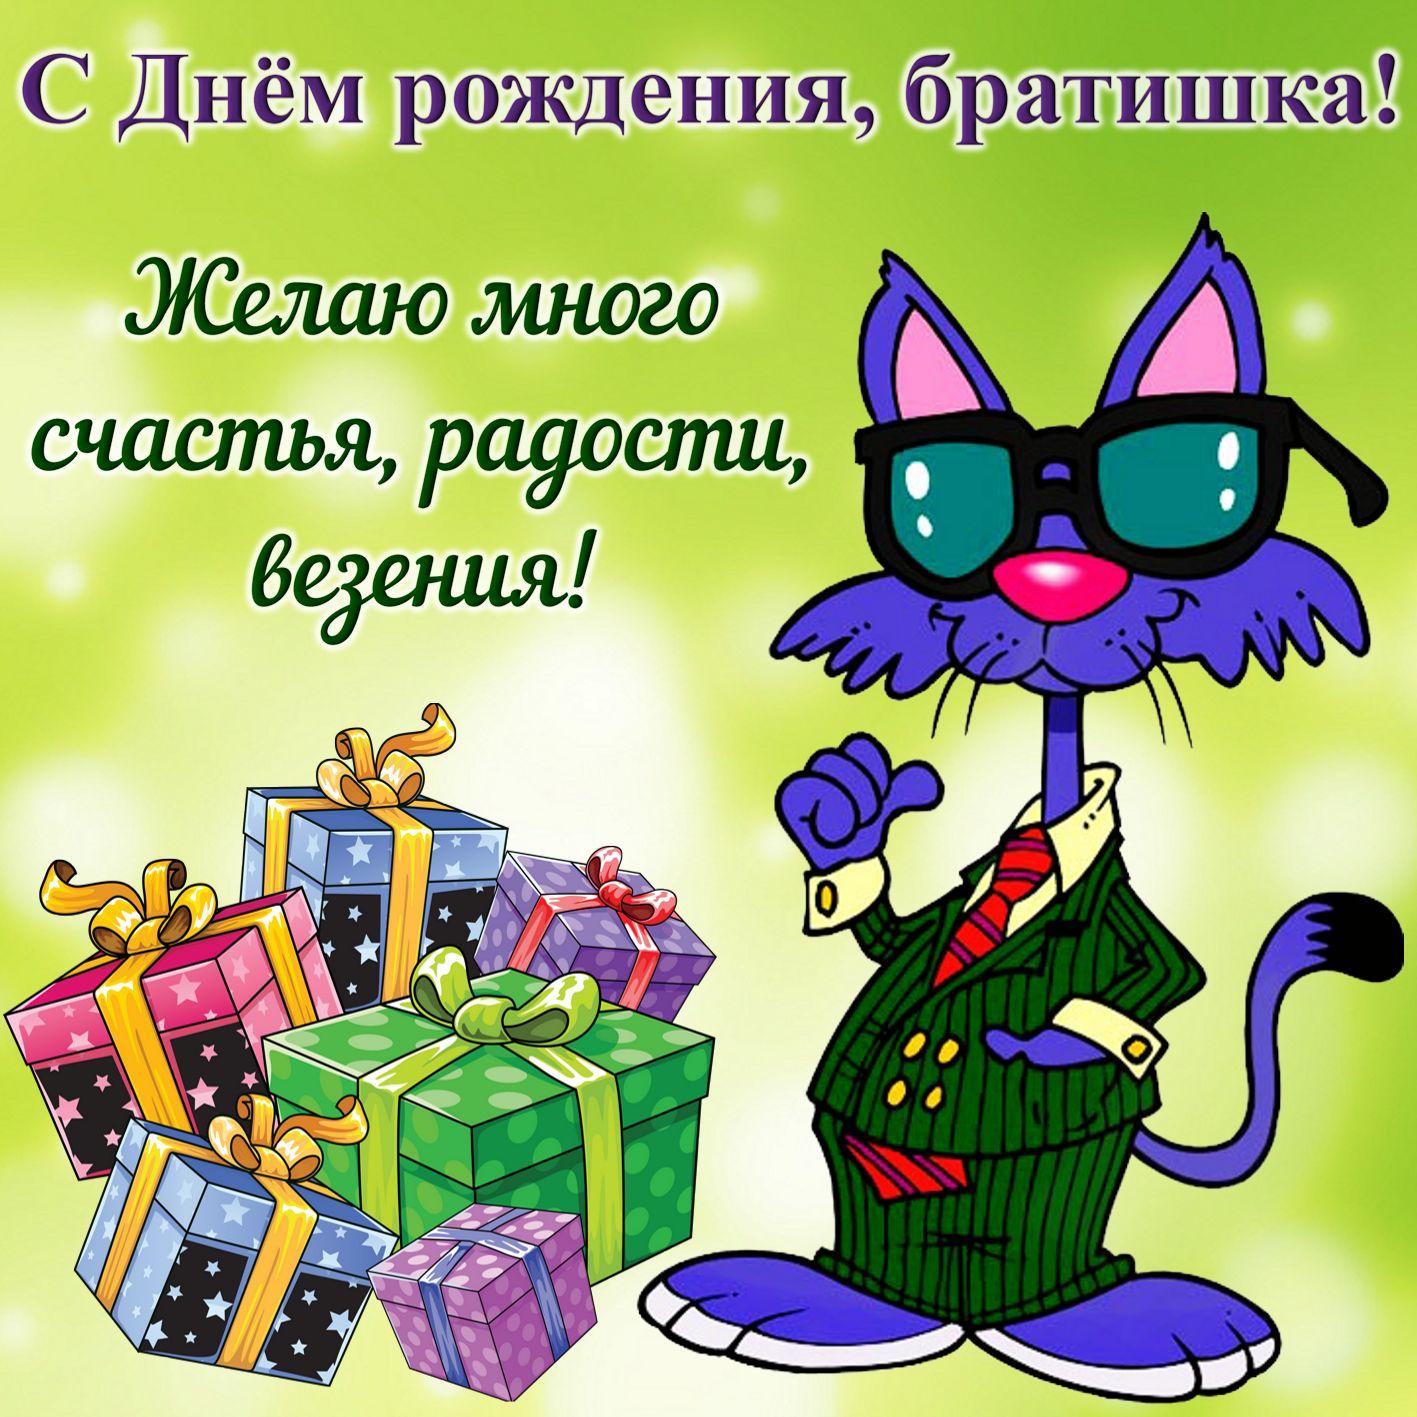 Открытка на День рождения брату - прикольный кот в костюме и подарки